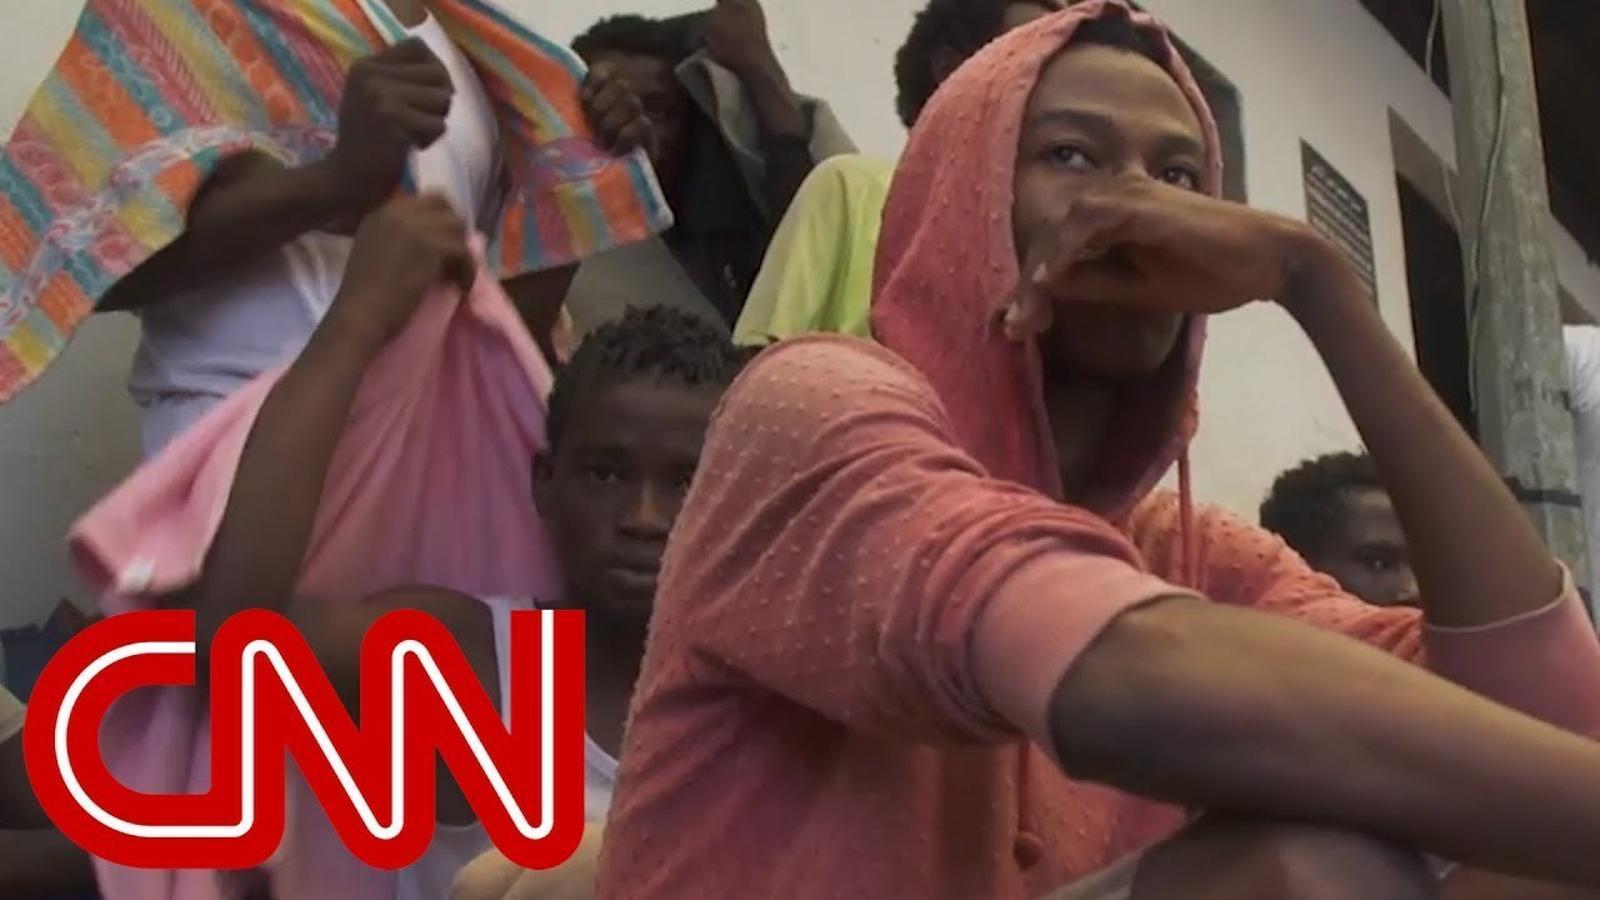 Reportatge de la CNN en què es veuen migrants sent venuts com a esclaus